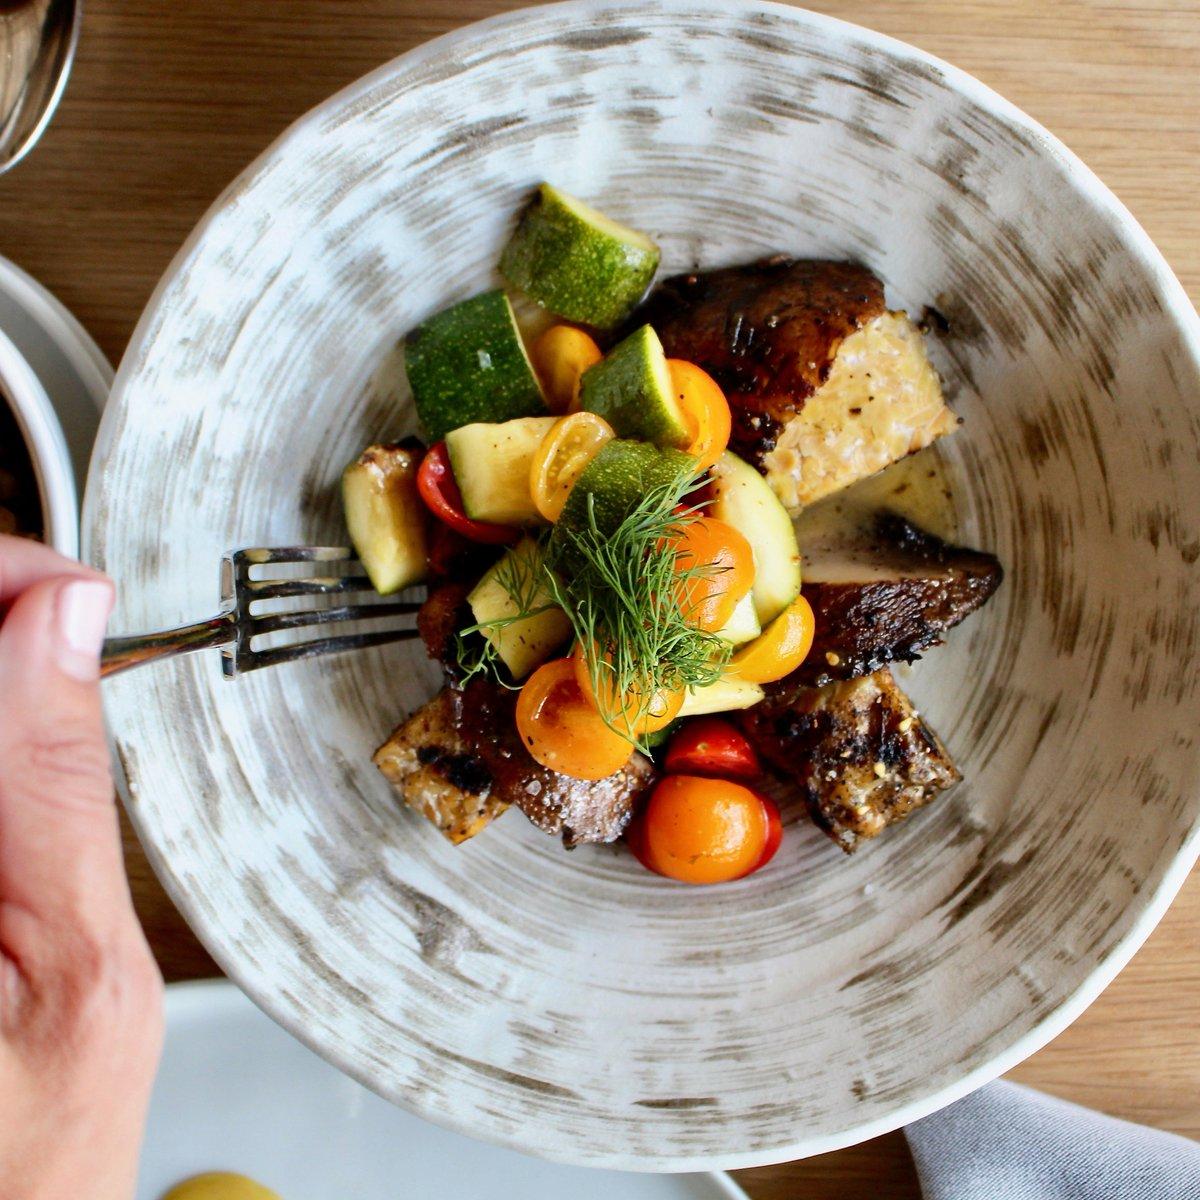 A veg-tastic brunch! Grilled Portabello - pan-seared tempeh, zucchini, tomato, fried garlic, lemon dill #vegan #vegetarian #glutenfree  #rosedalekb #craveablerkb #farmtotable #healthybreakfast #veggies #atxbrunch #atxbrunches #eatlocal #austin360eats #breakfast #brunch #do512pic.twitter.com/2s35LkKfok